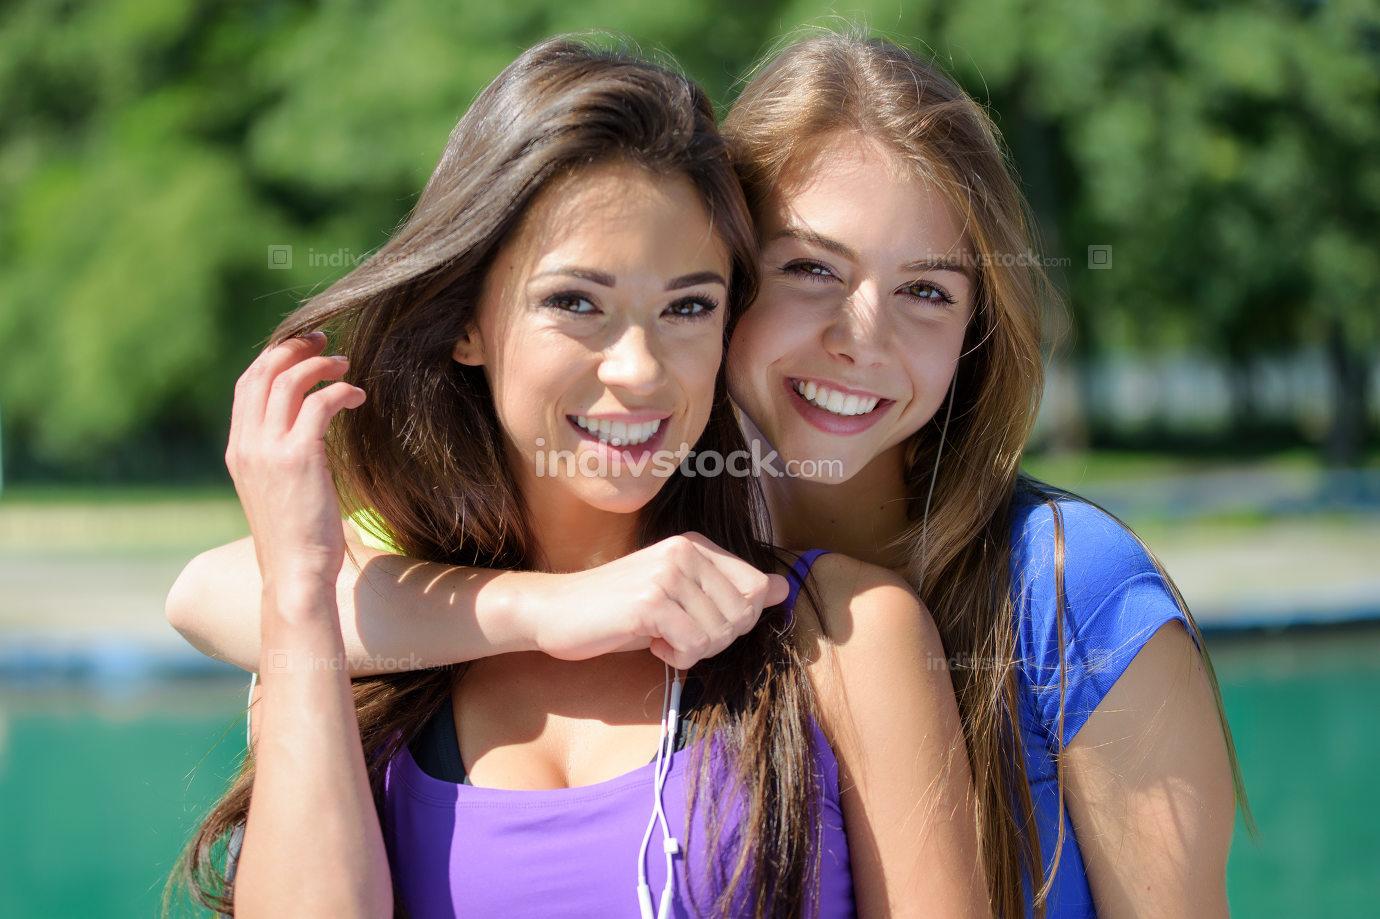 Cute girls enjoying healthy lifestyle